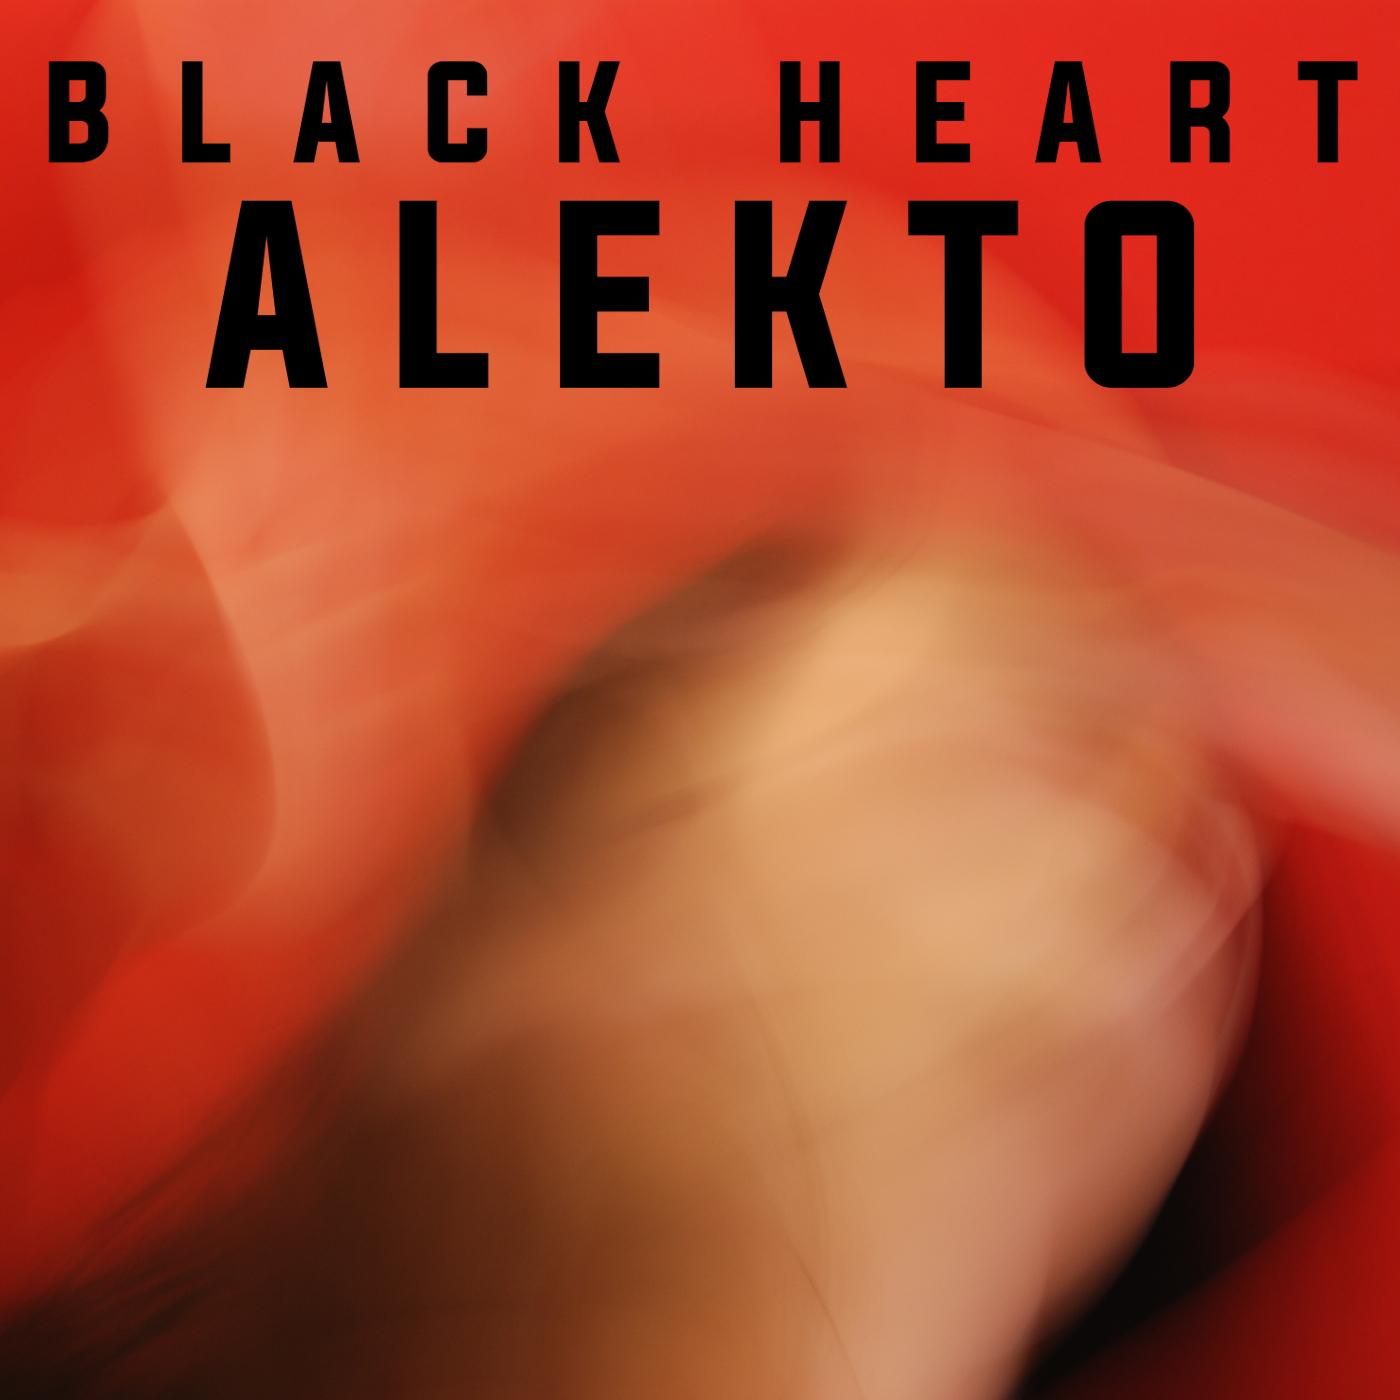 """EP REVIEW: Black Heart """"Alekto"""" (Remix EP)"""